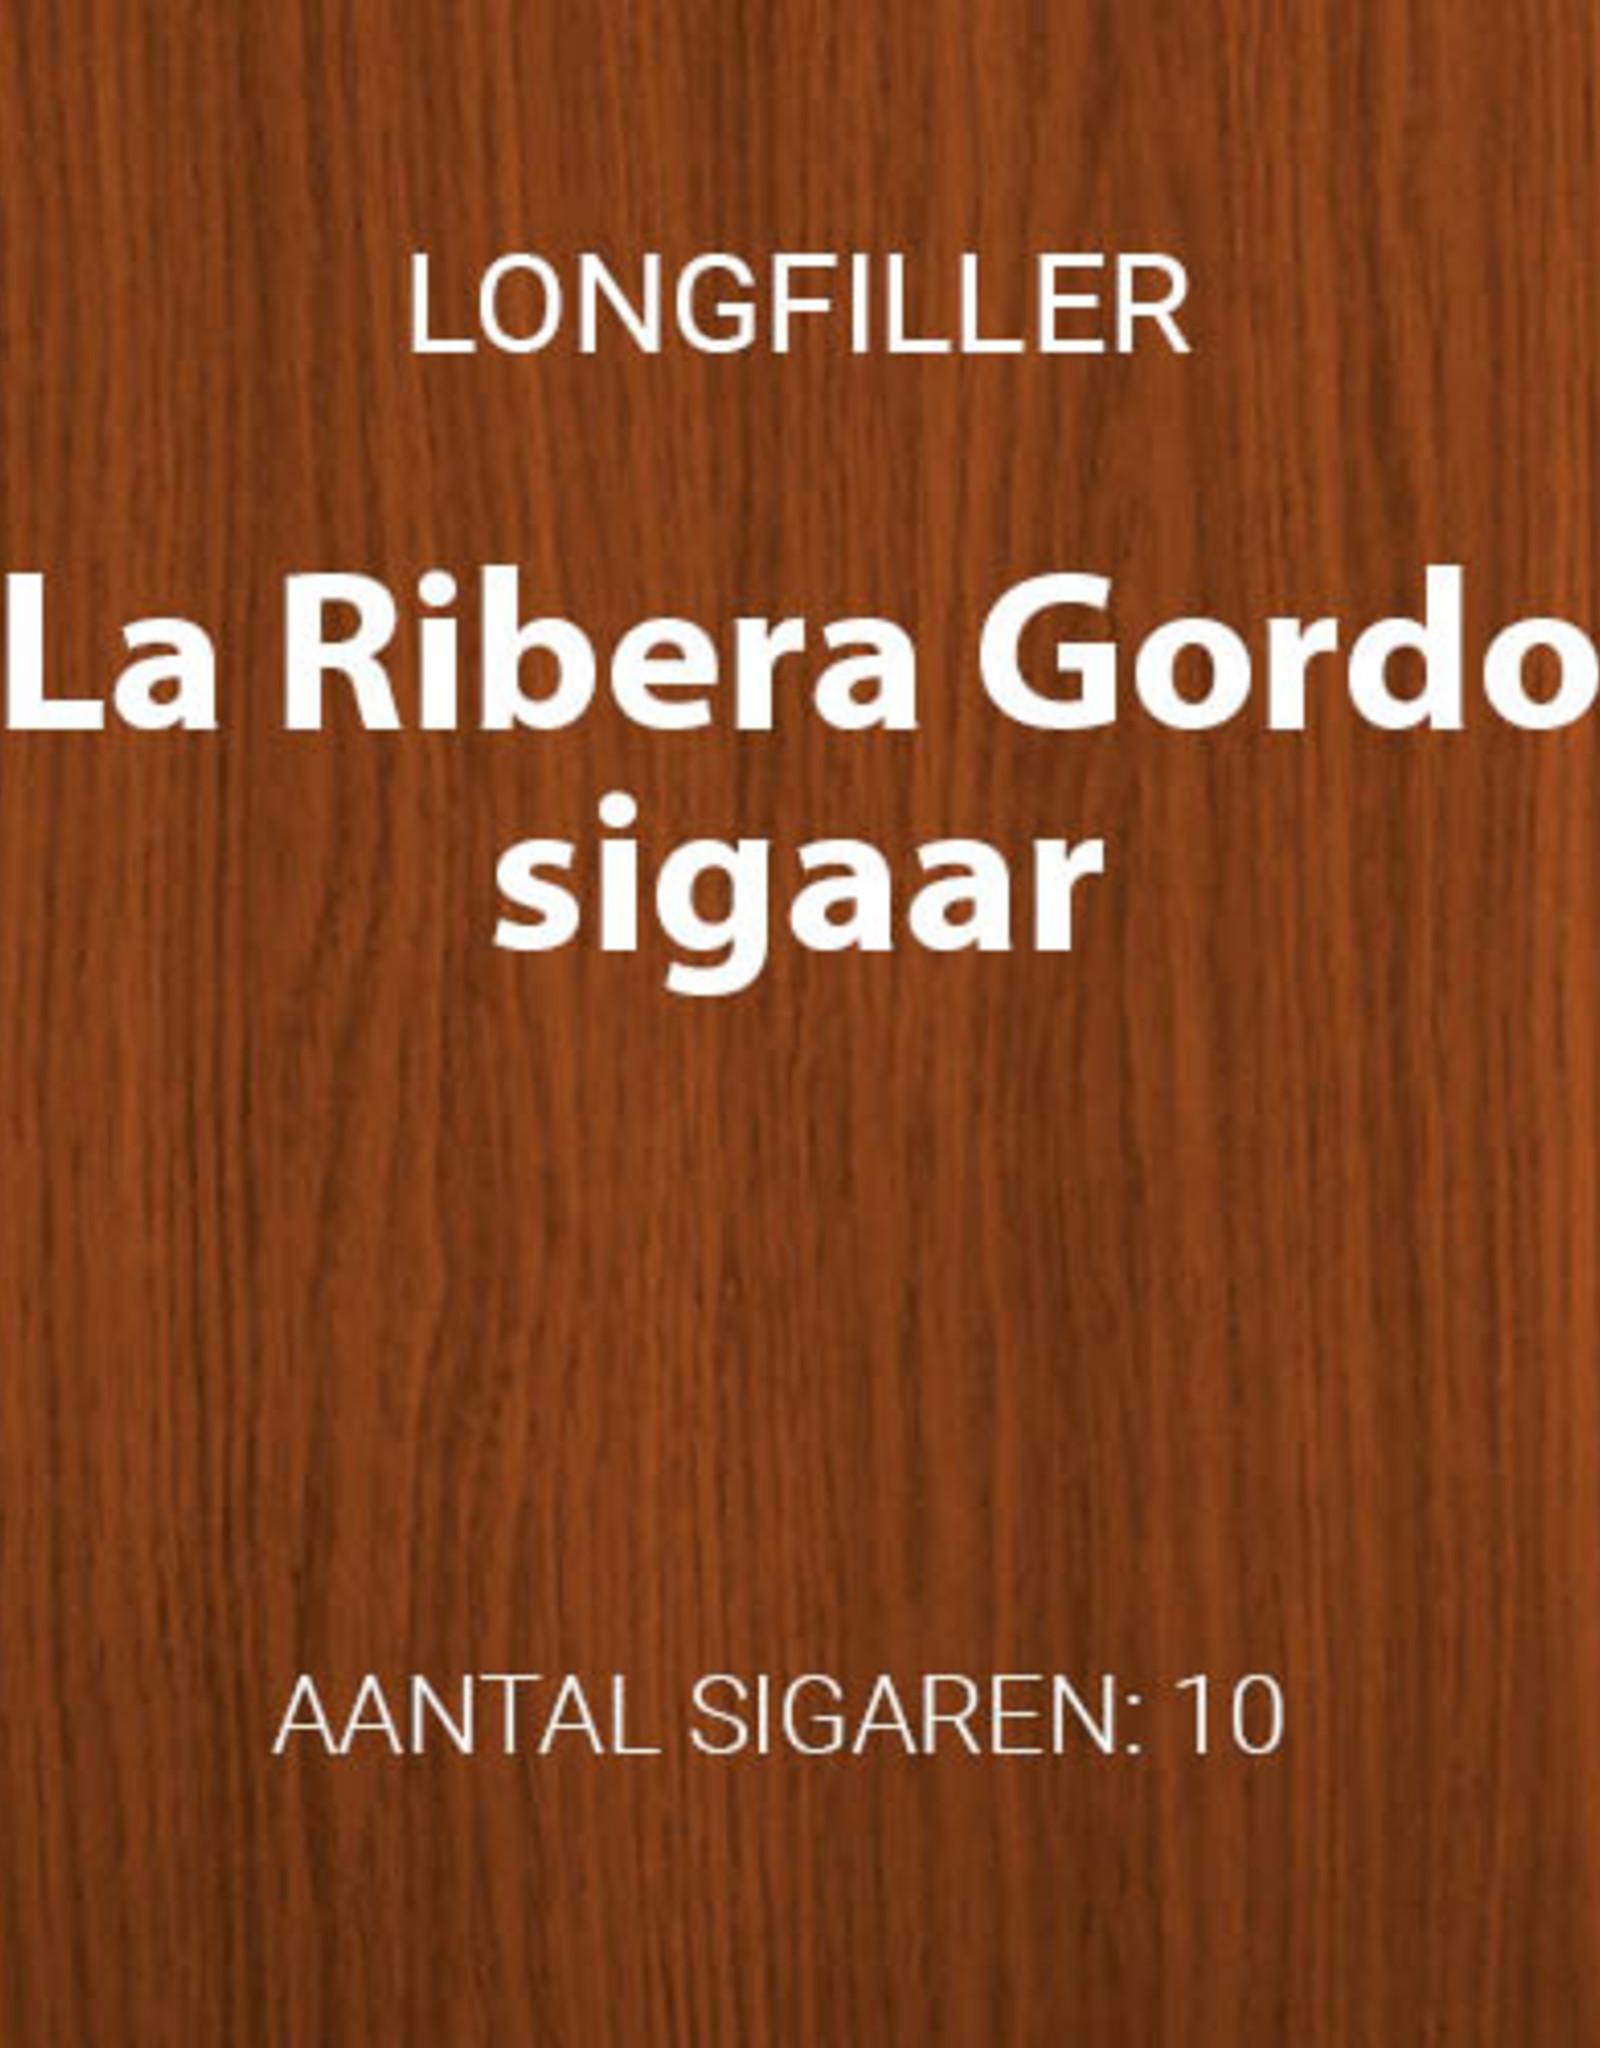 La Ribera La Ribera Gordo 10 stuks